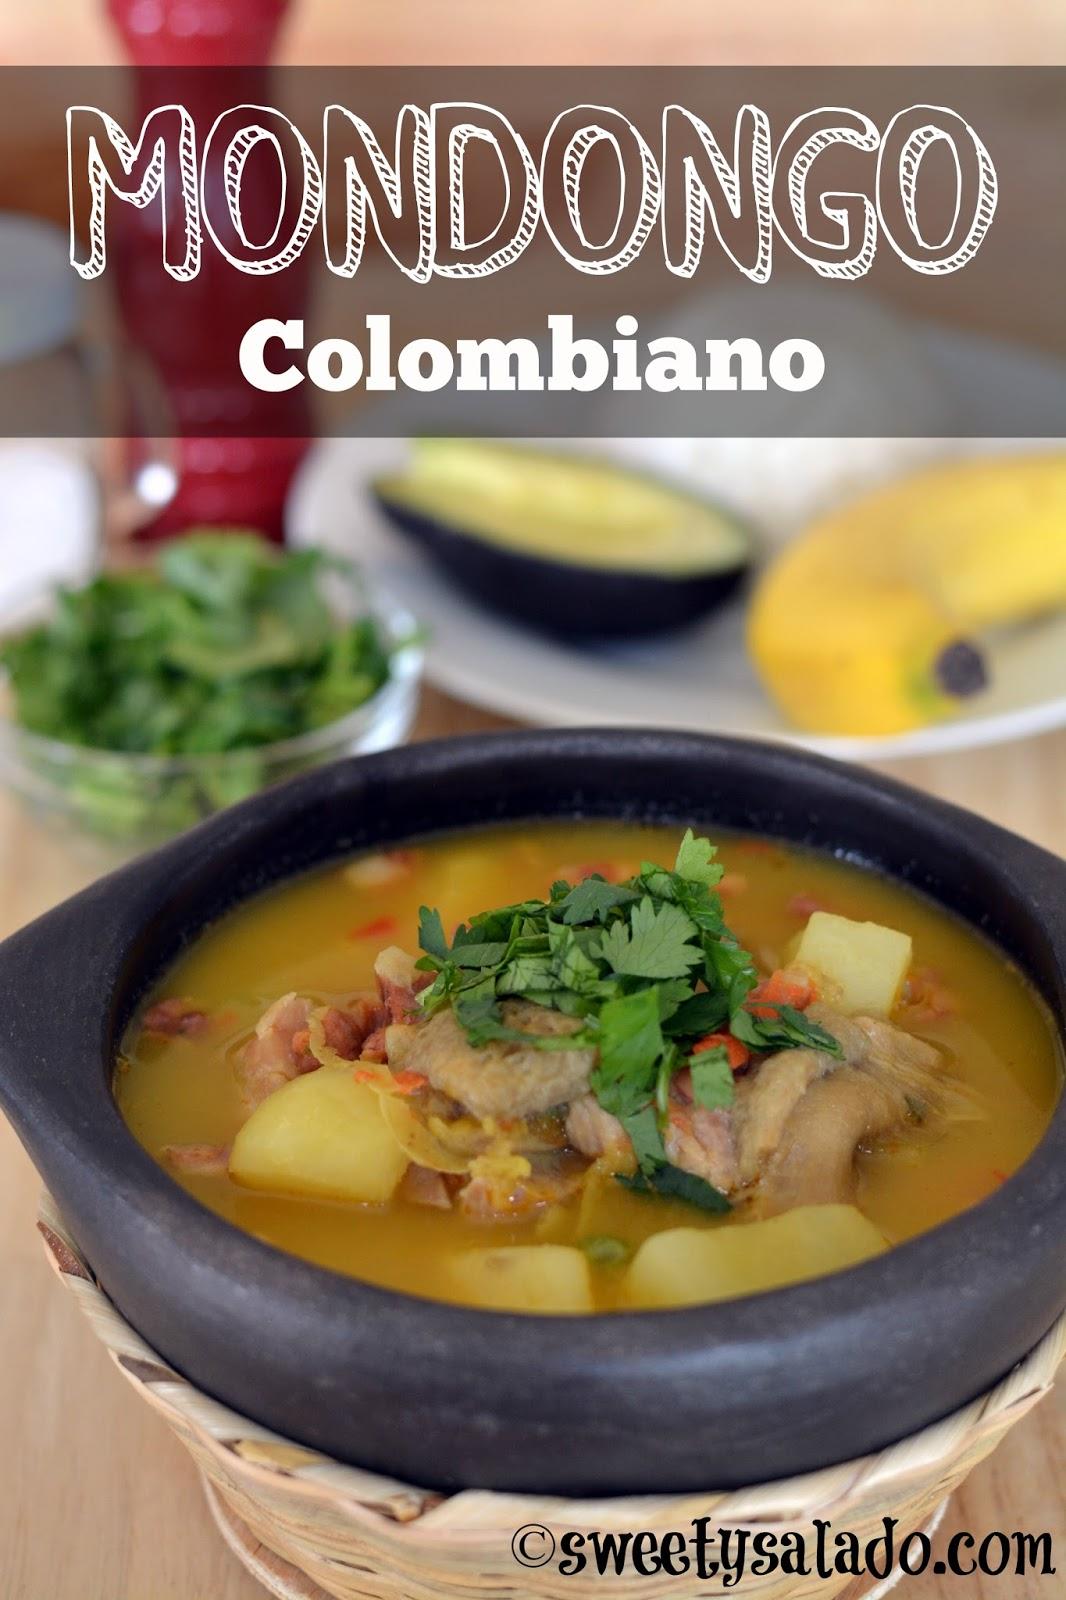 Sweet y salado mondongo colombiano mondongo colombiano forumfinder Choice Image